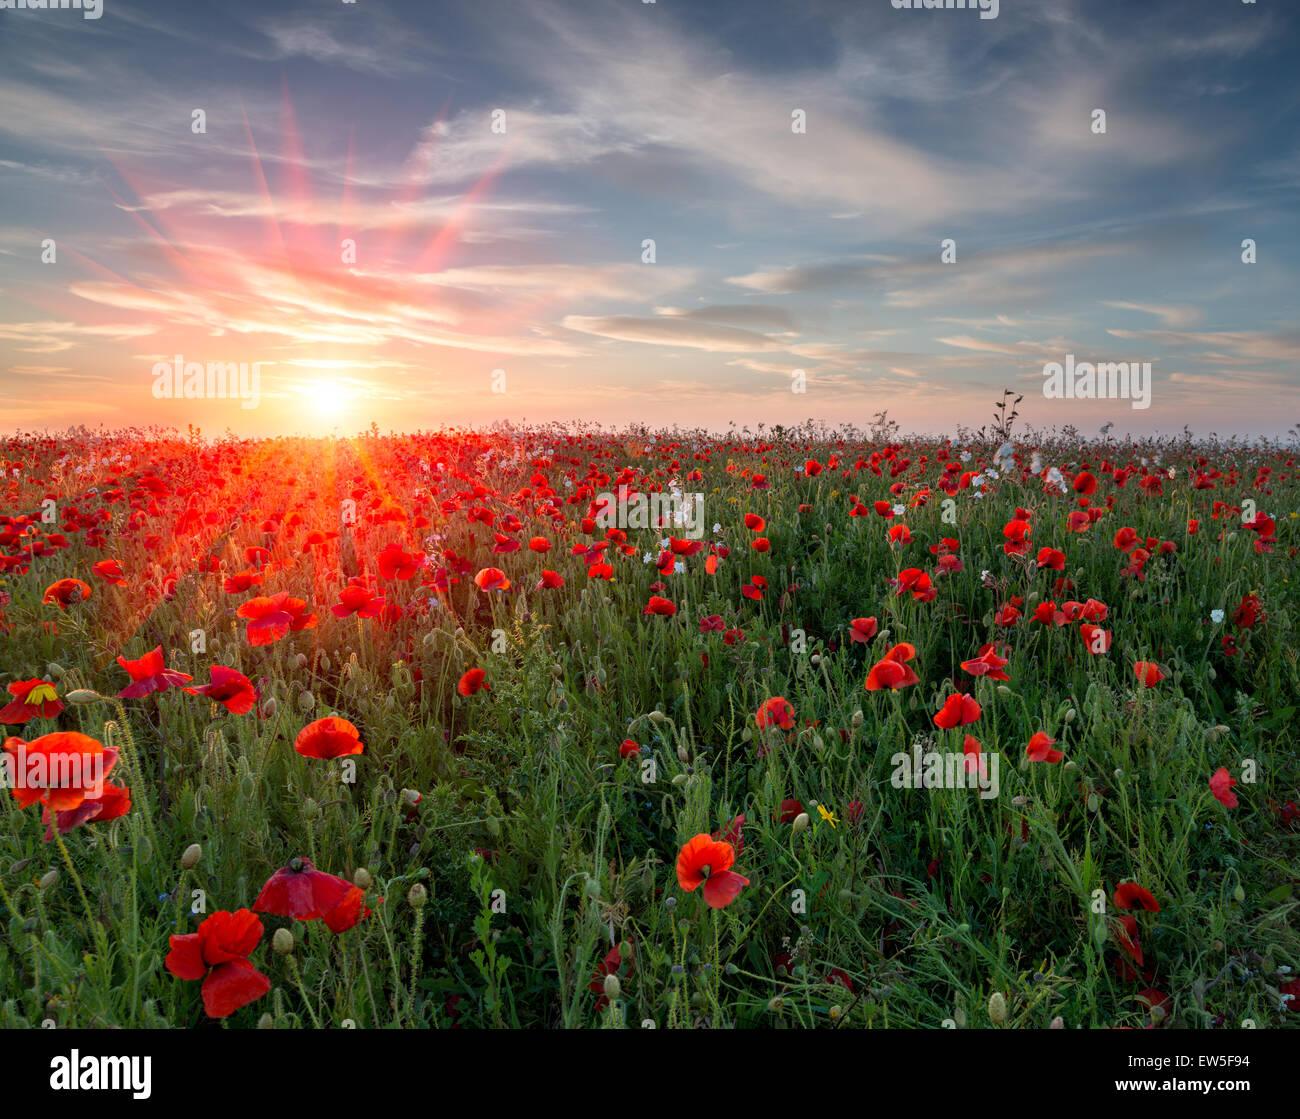 Puesta de sol sobre un campo de amapolas rojas y vibrantes flores silvestres Imagen De Stock